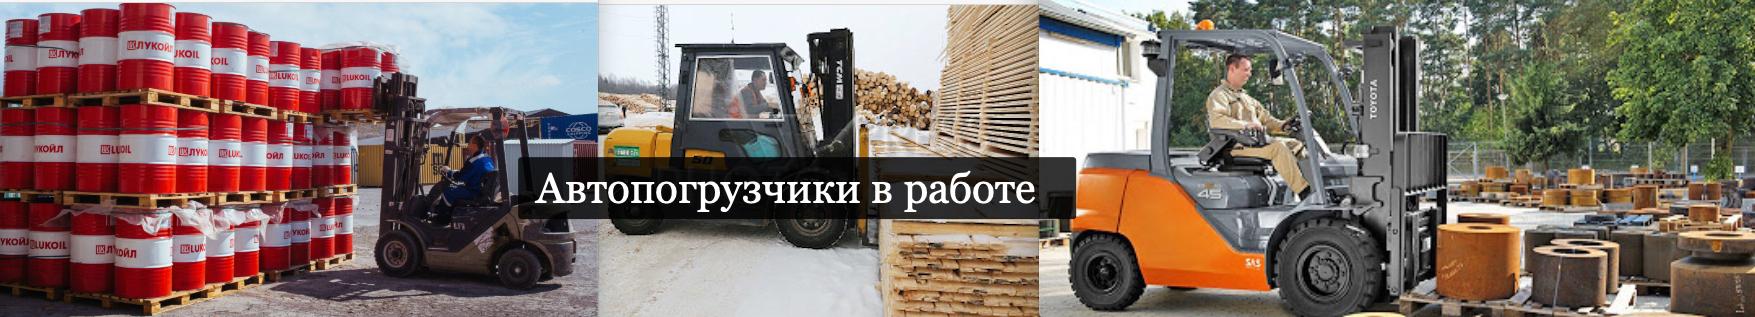 Автопгрузчики Хангча в работе в логистическом центре, на лесозаготовках, в трубопрокатных компаниях